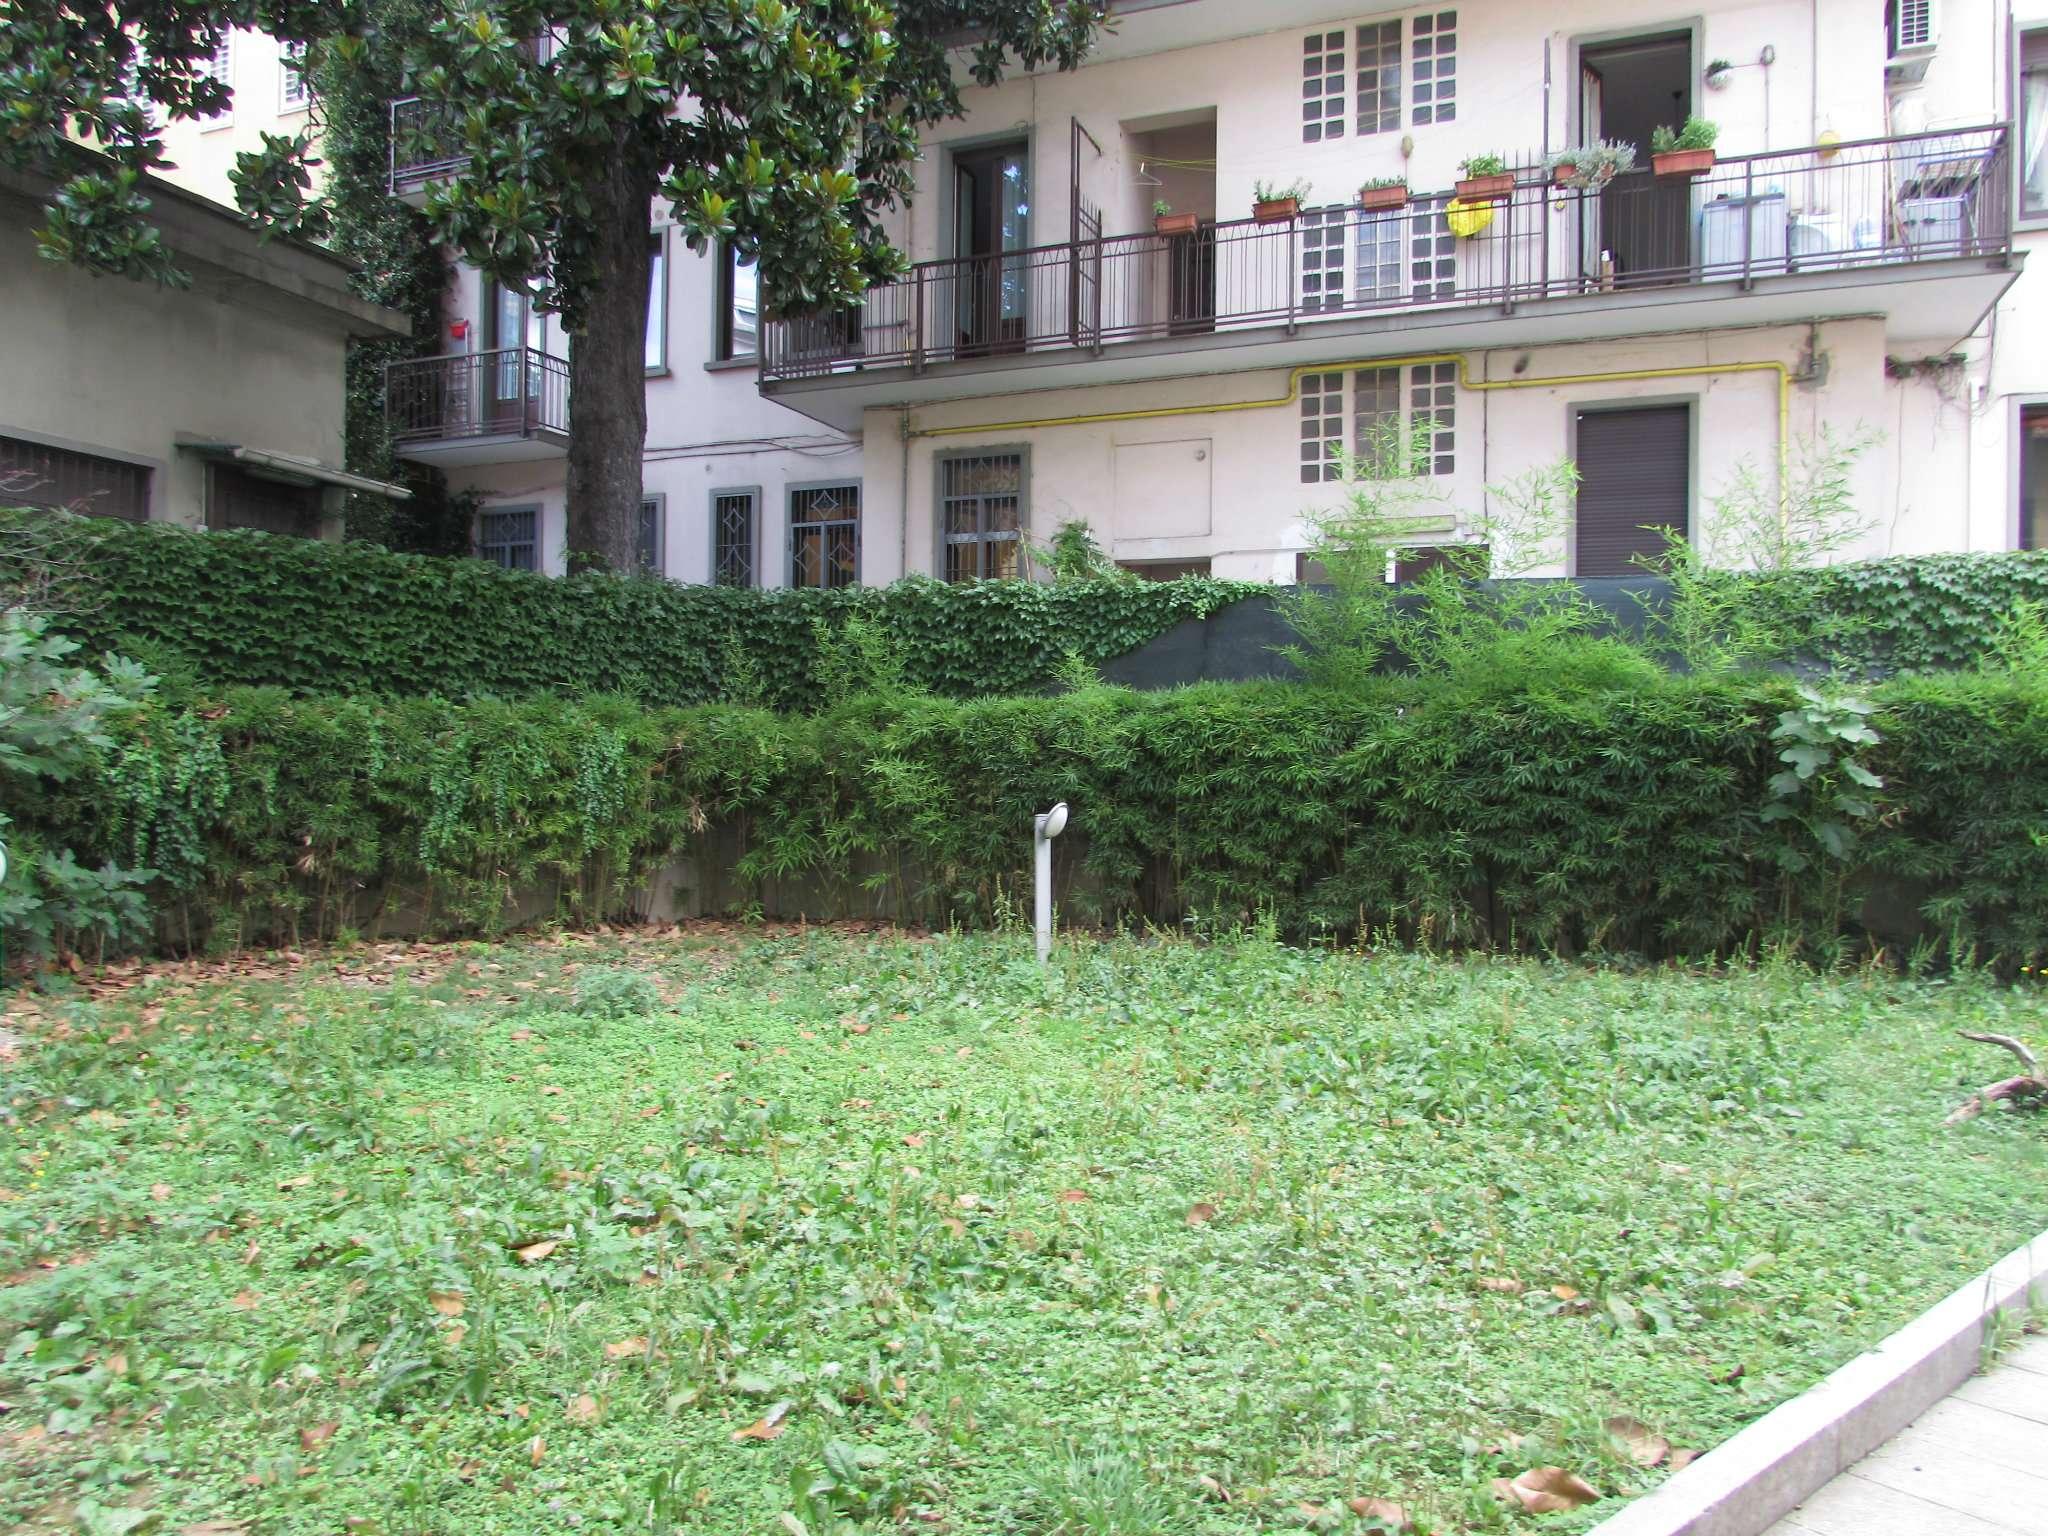 Appartamento affitto con giardino privato a milano - Affitto casa con giardino ...